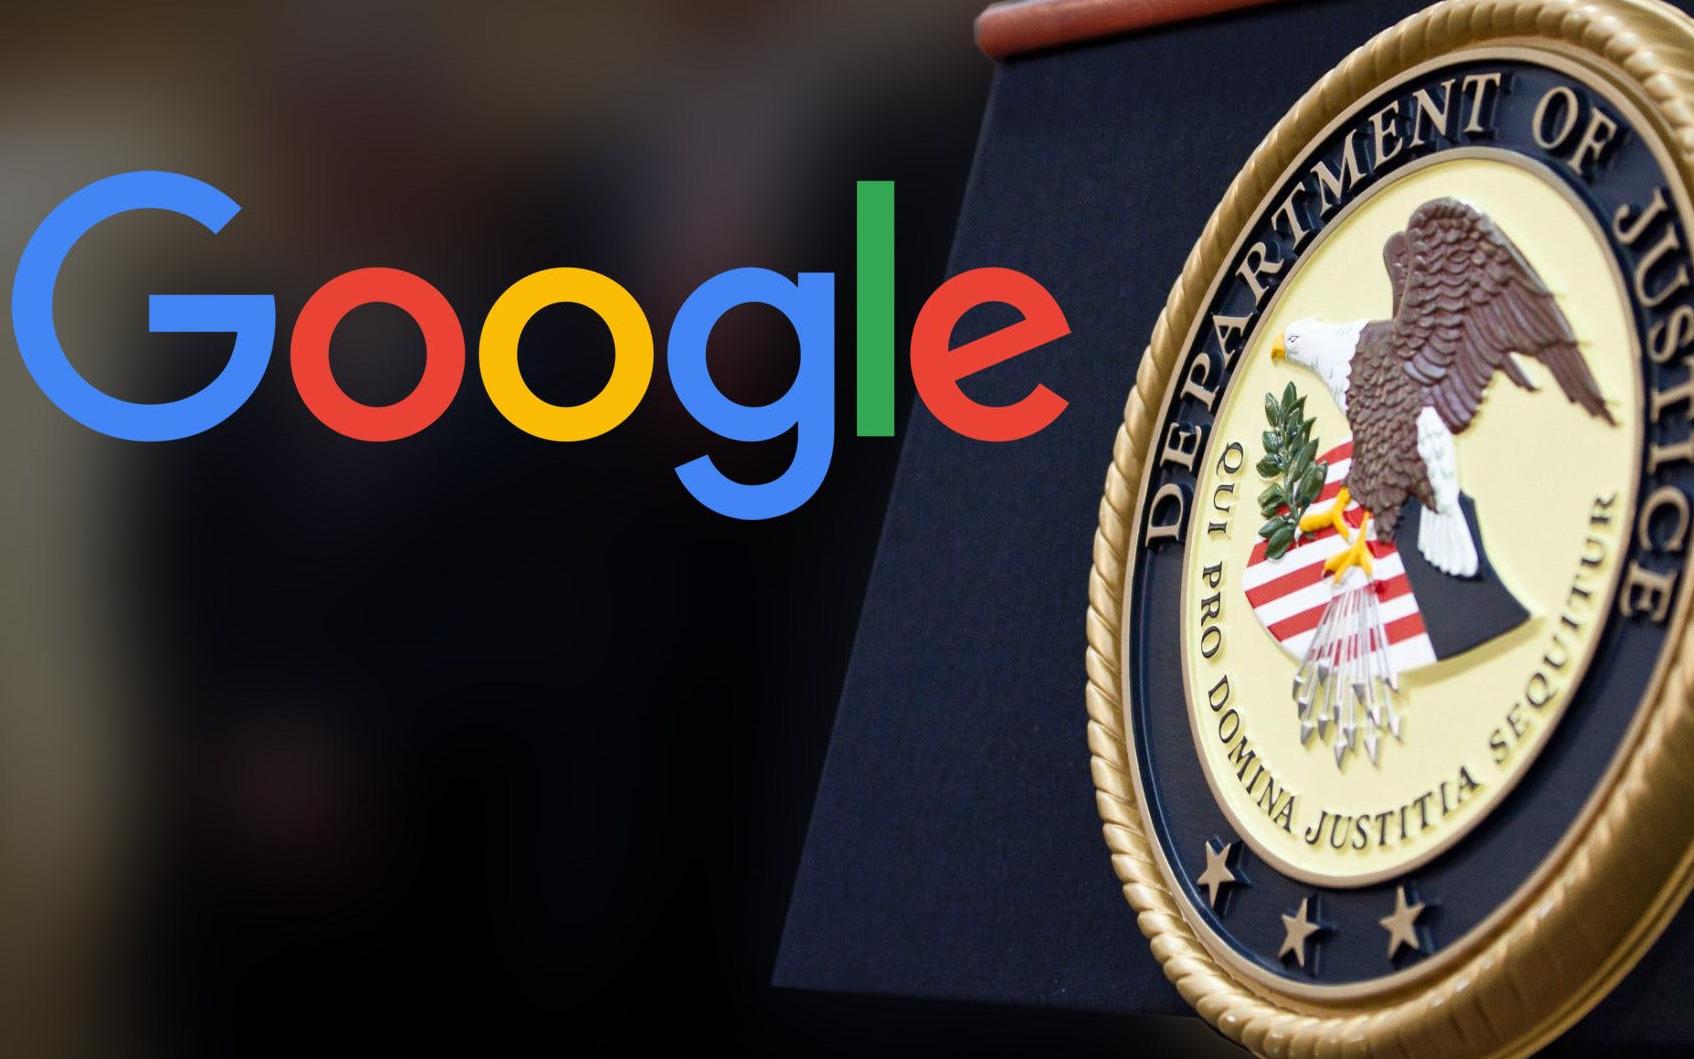 Vụ kiện lớn nhất thế giới trong 2 thập kỷ: Chính quyền Tổng thống Trump chính thức đệ đơn kiện Google